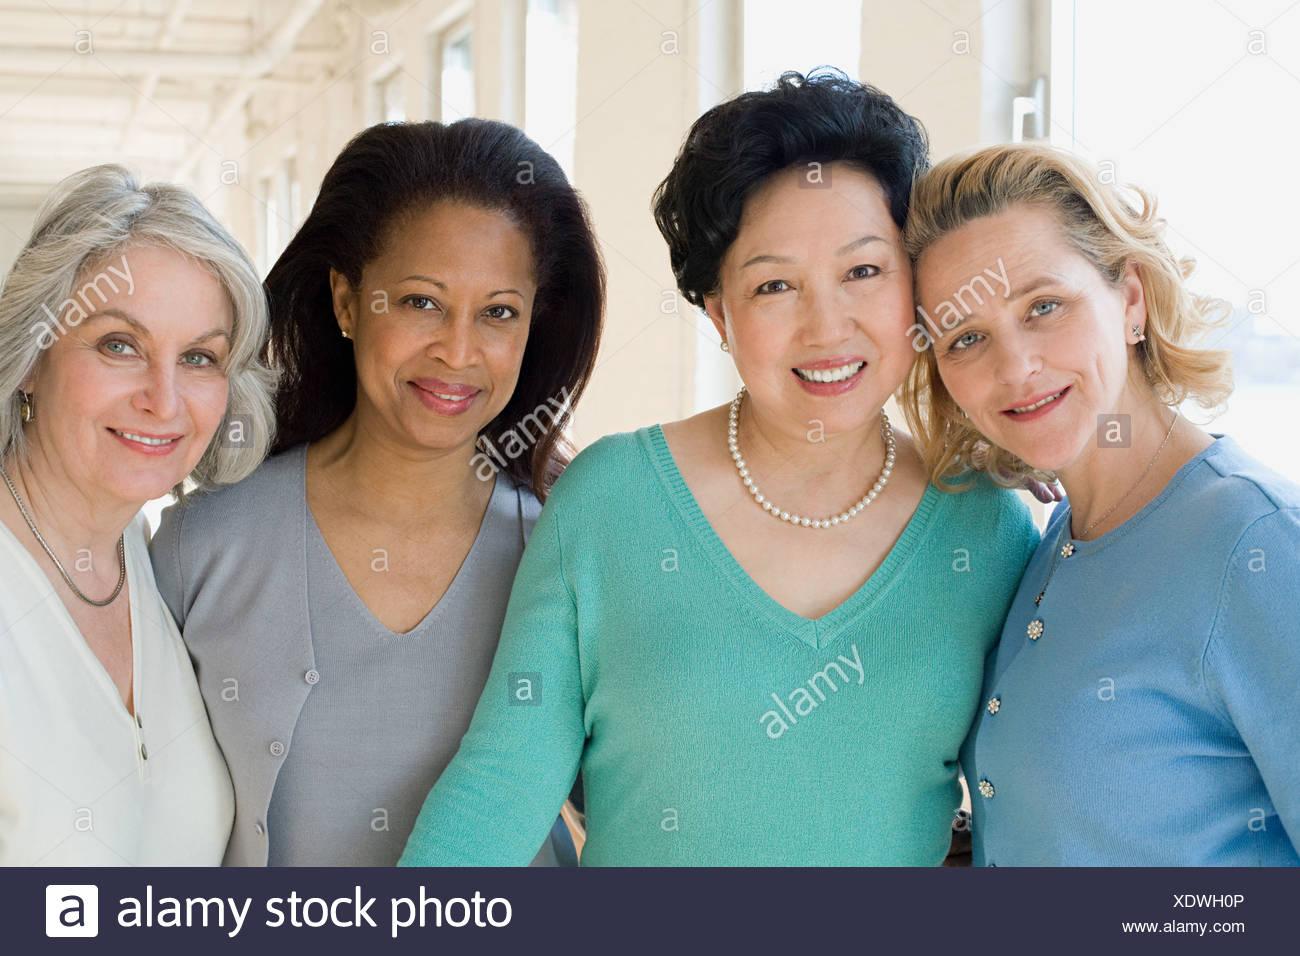 Happy women - Stock Image